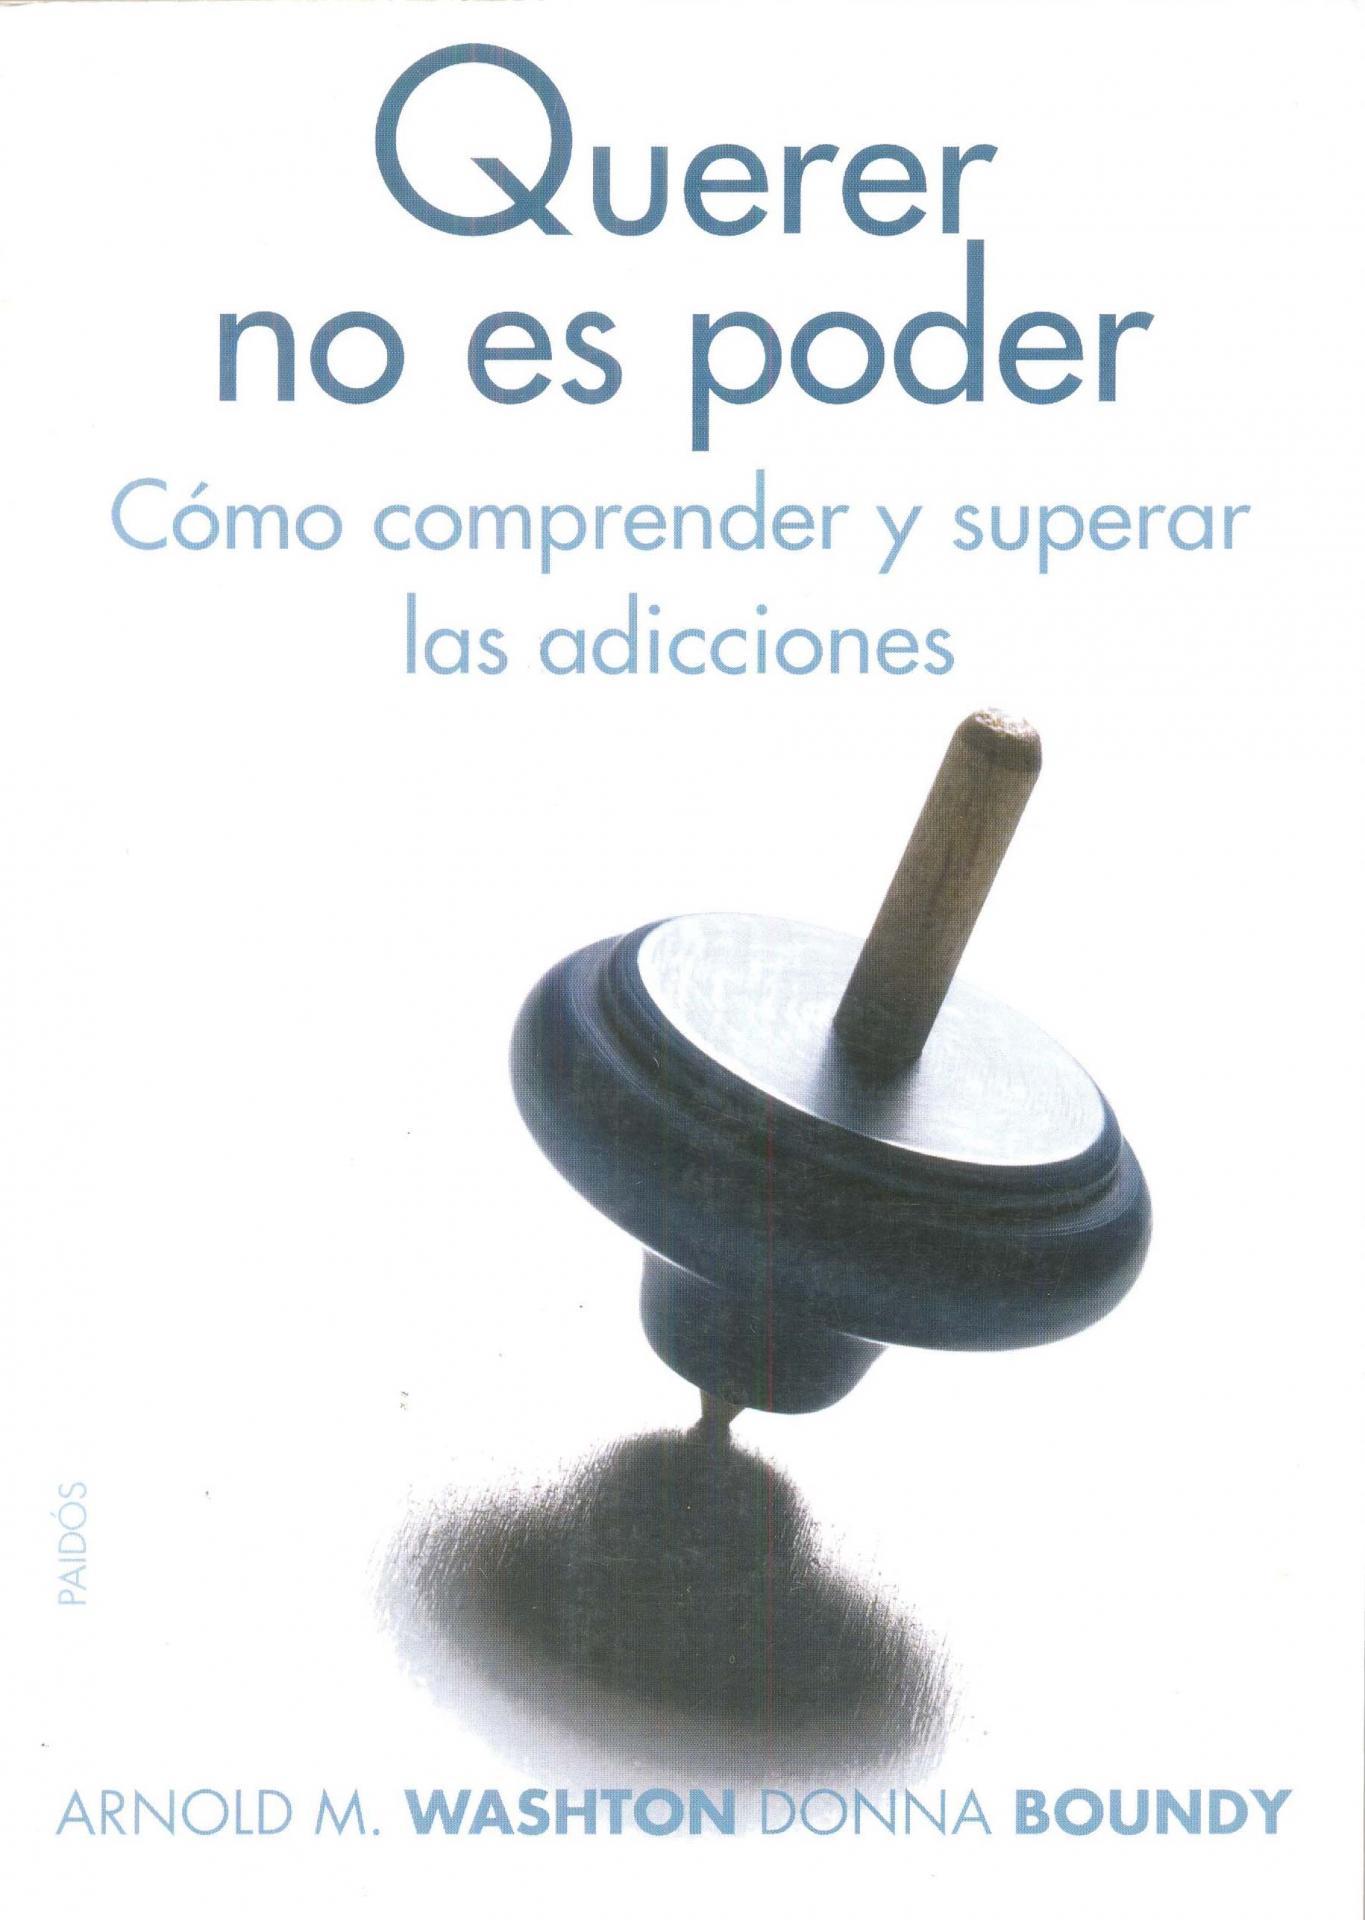 QUERER ES NO PODER. Cómo comprender y superar las adicciones. Washton, A; Boundy, D.